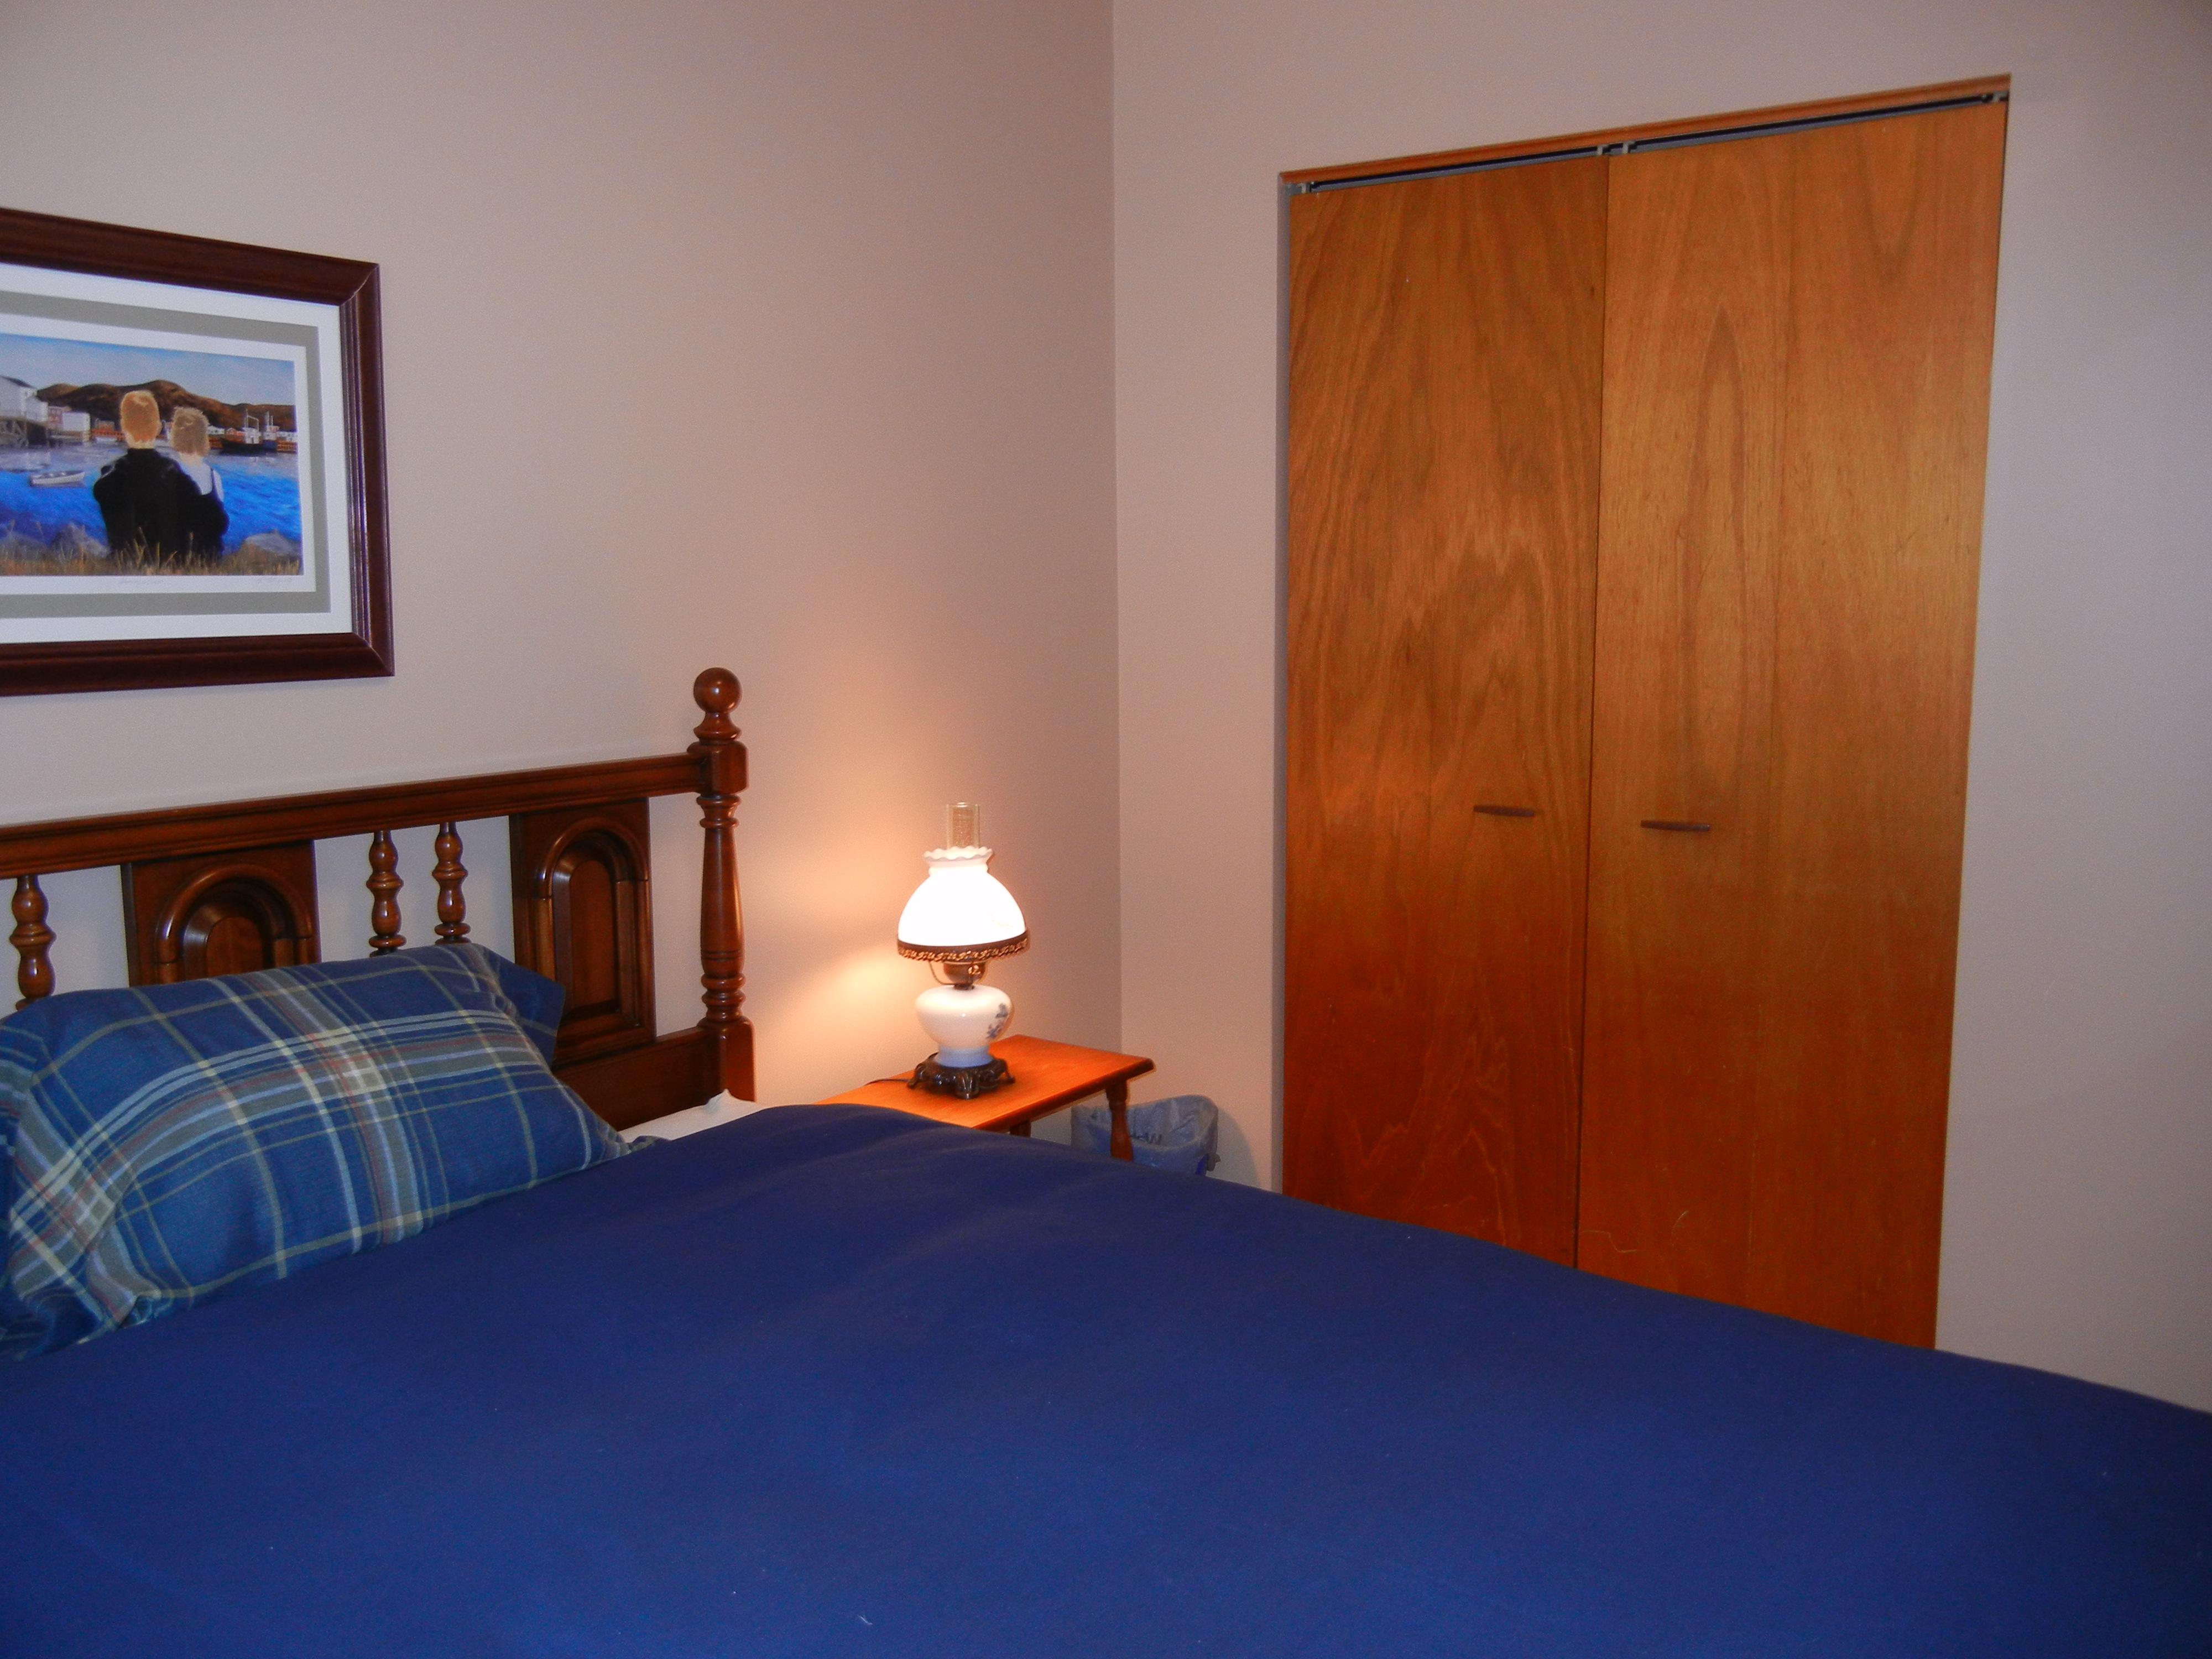 19 Blue Bedroom 2